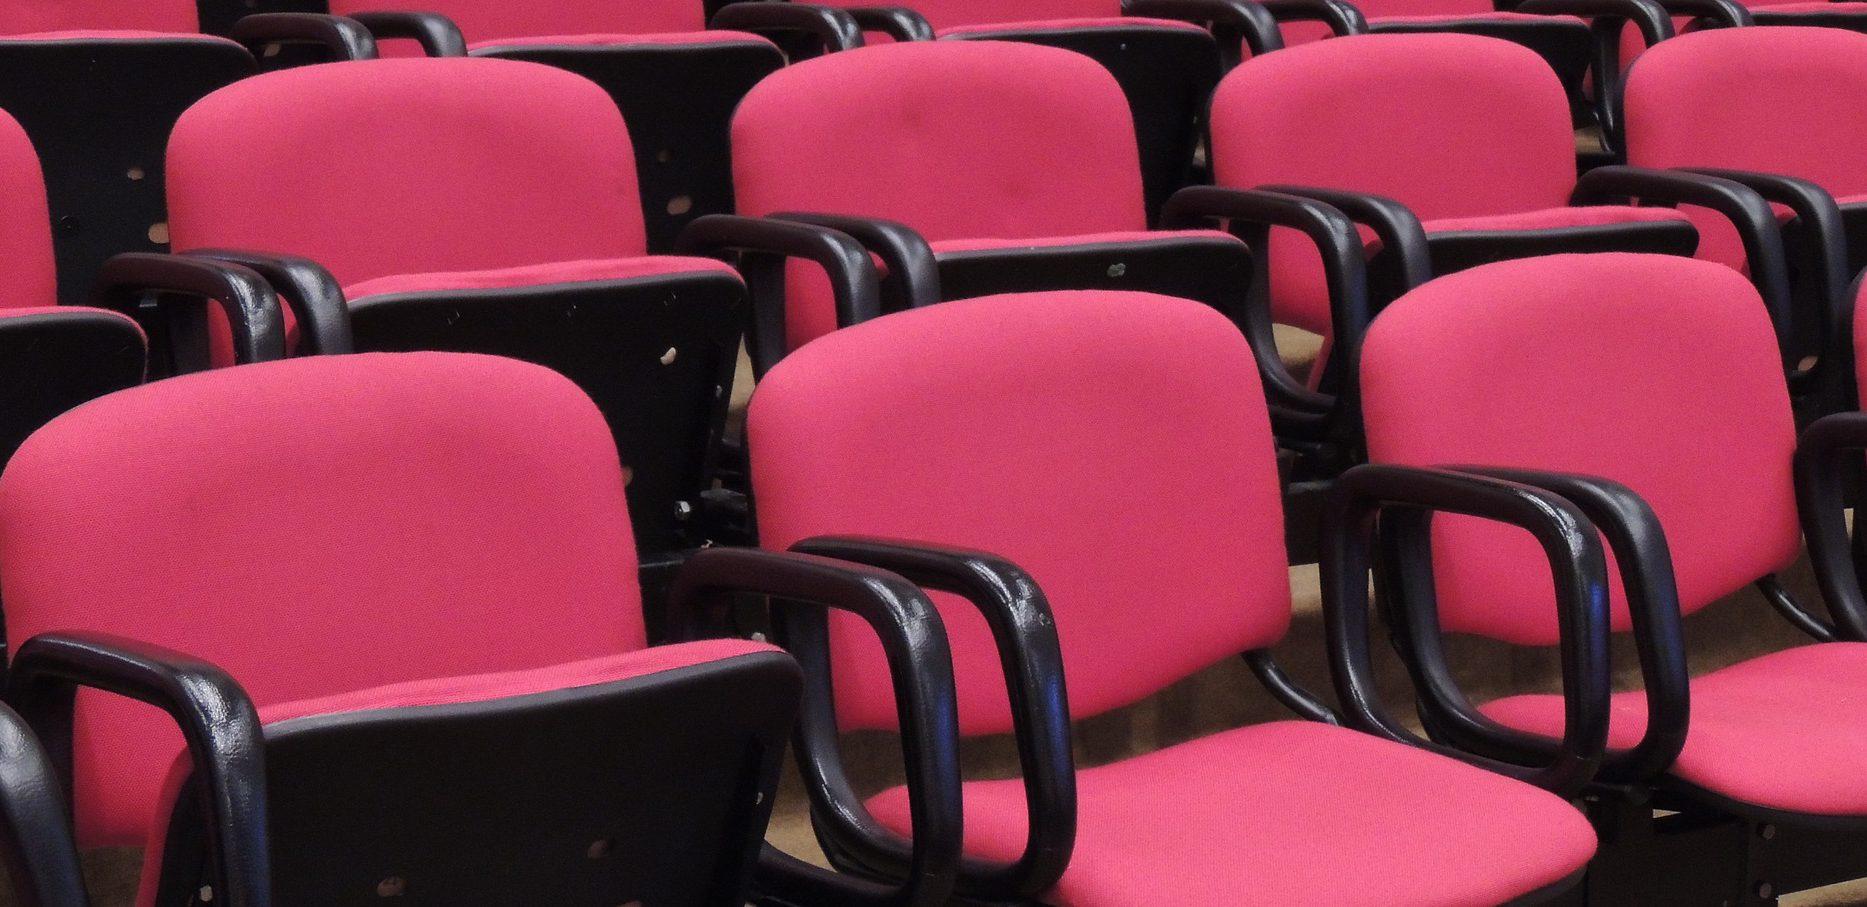 """Erlebnisbericht – Gewerkschaftspolitische Konferenz """"Aus unseren Kämpfen lernen – Streiks auswerten, Strategien entwickeln, politischer werden"""" Braunschweig, 16.-17.02.2019"""